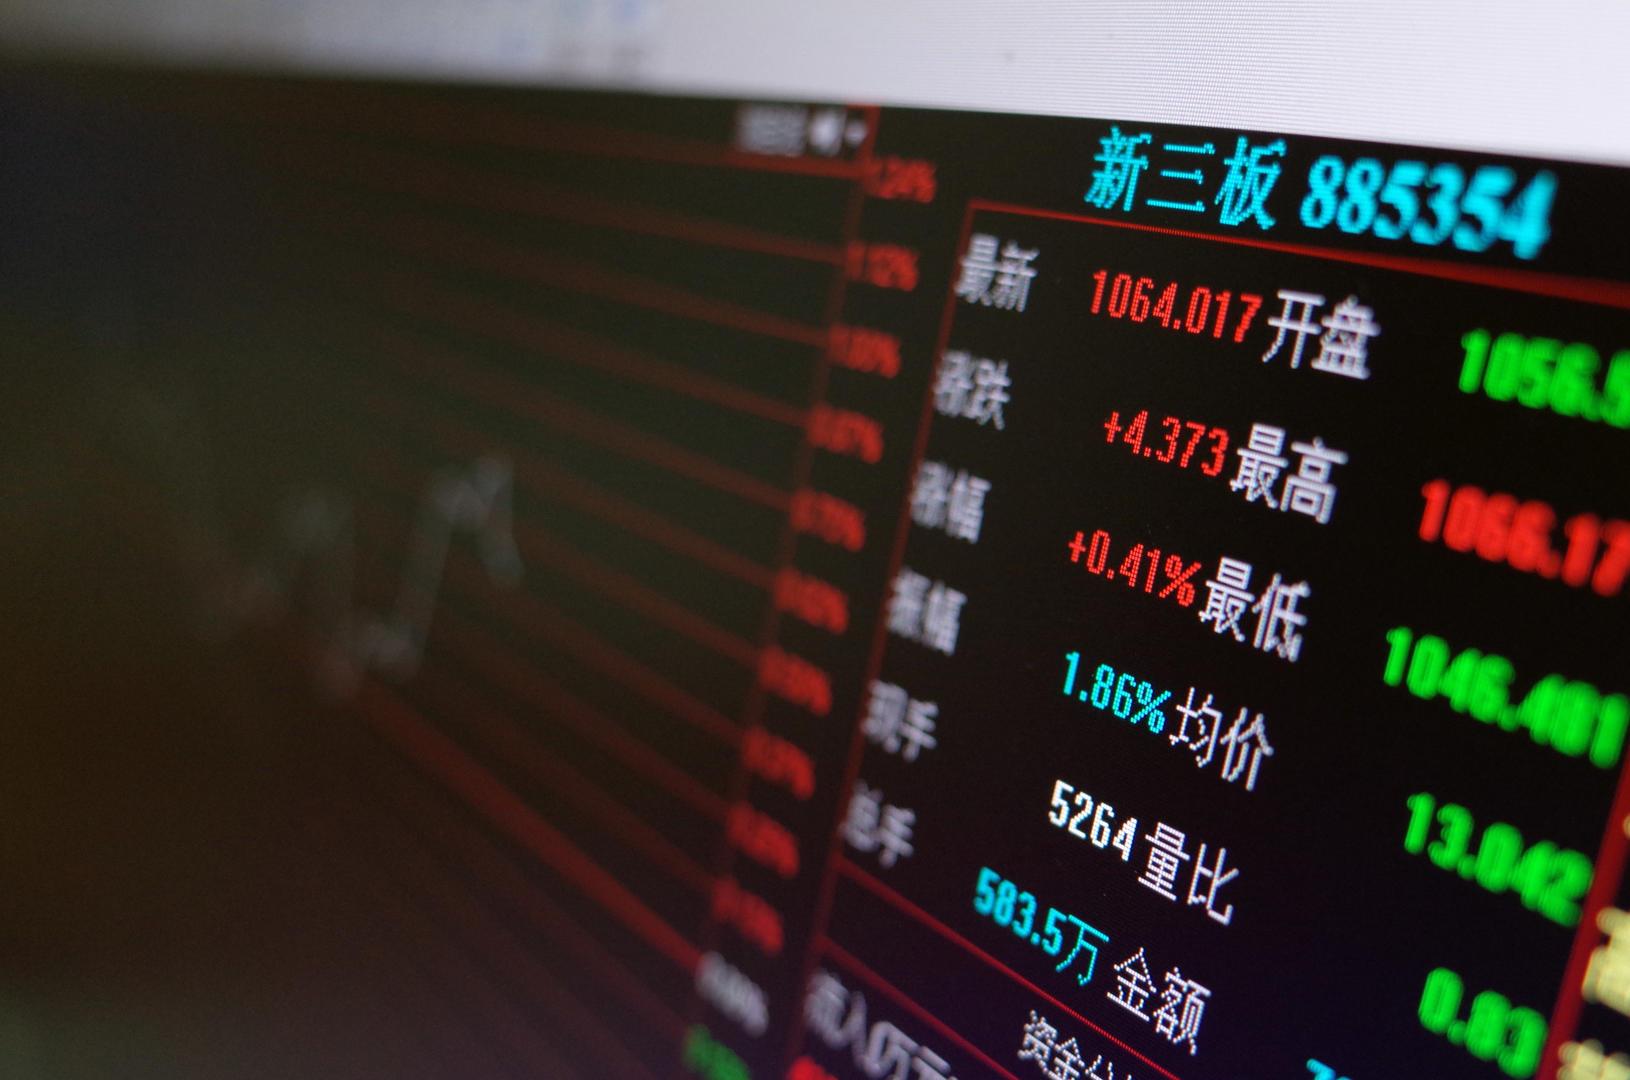 「新世纪网投平台怎么样」宇华教育遭券商削标及降级 惟现逆市升近2%